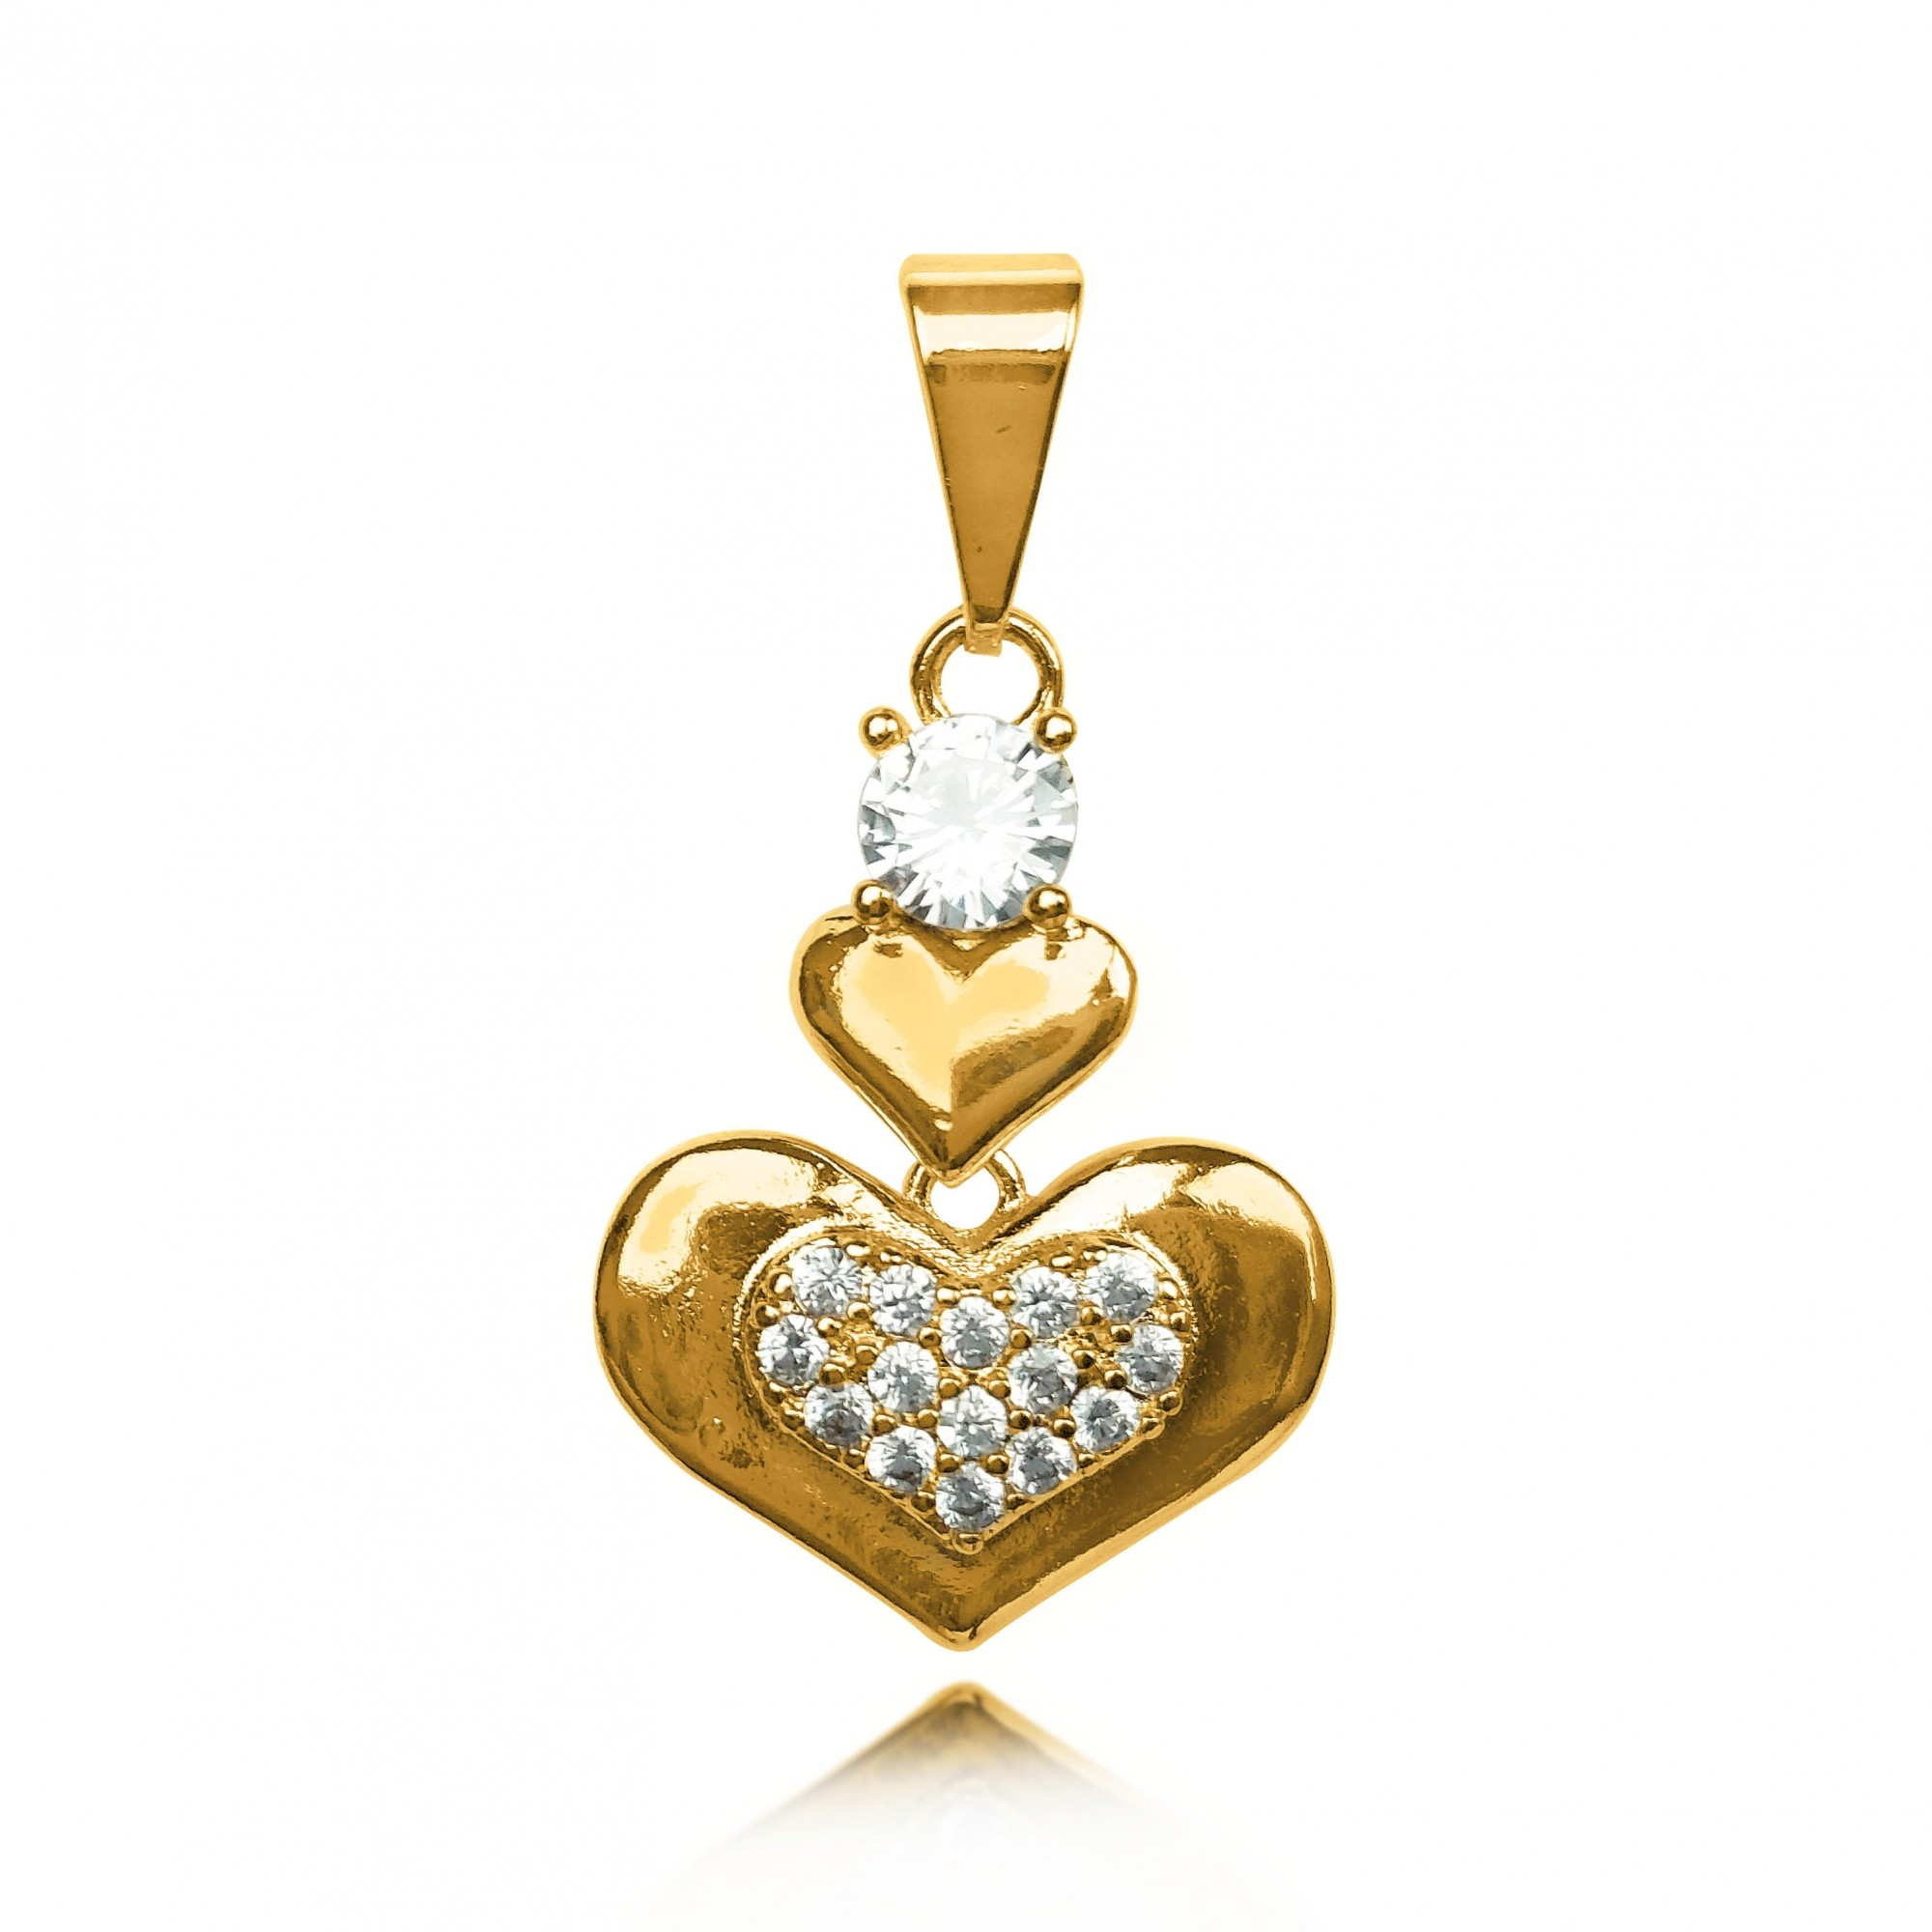 Pingente Corações com Zircônia Folheado a Ouro 18k  - Lunozê Joias